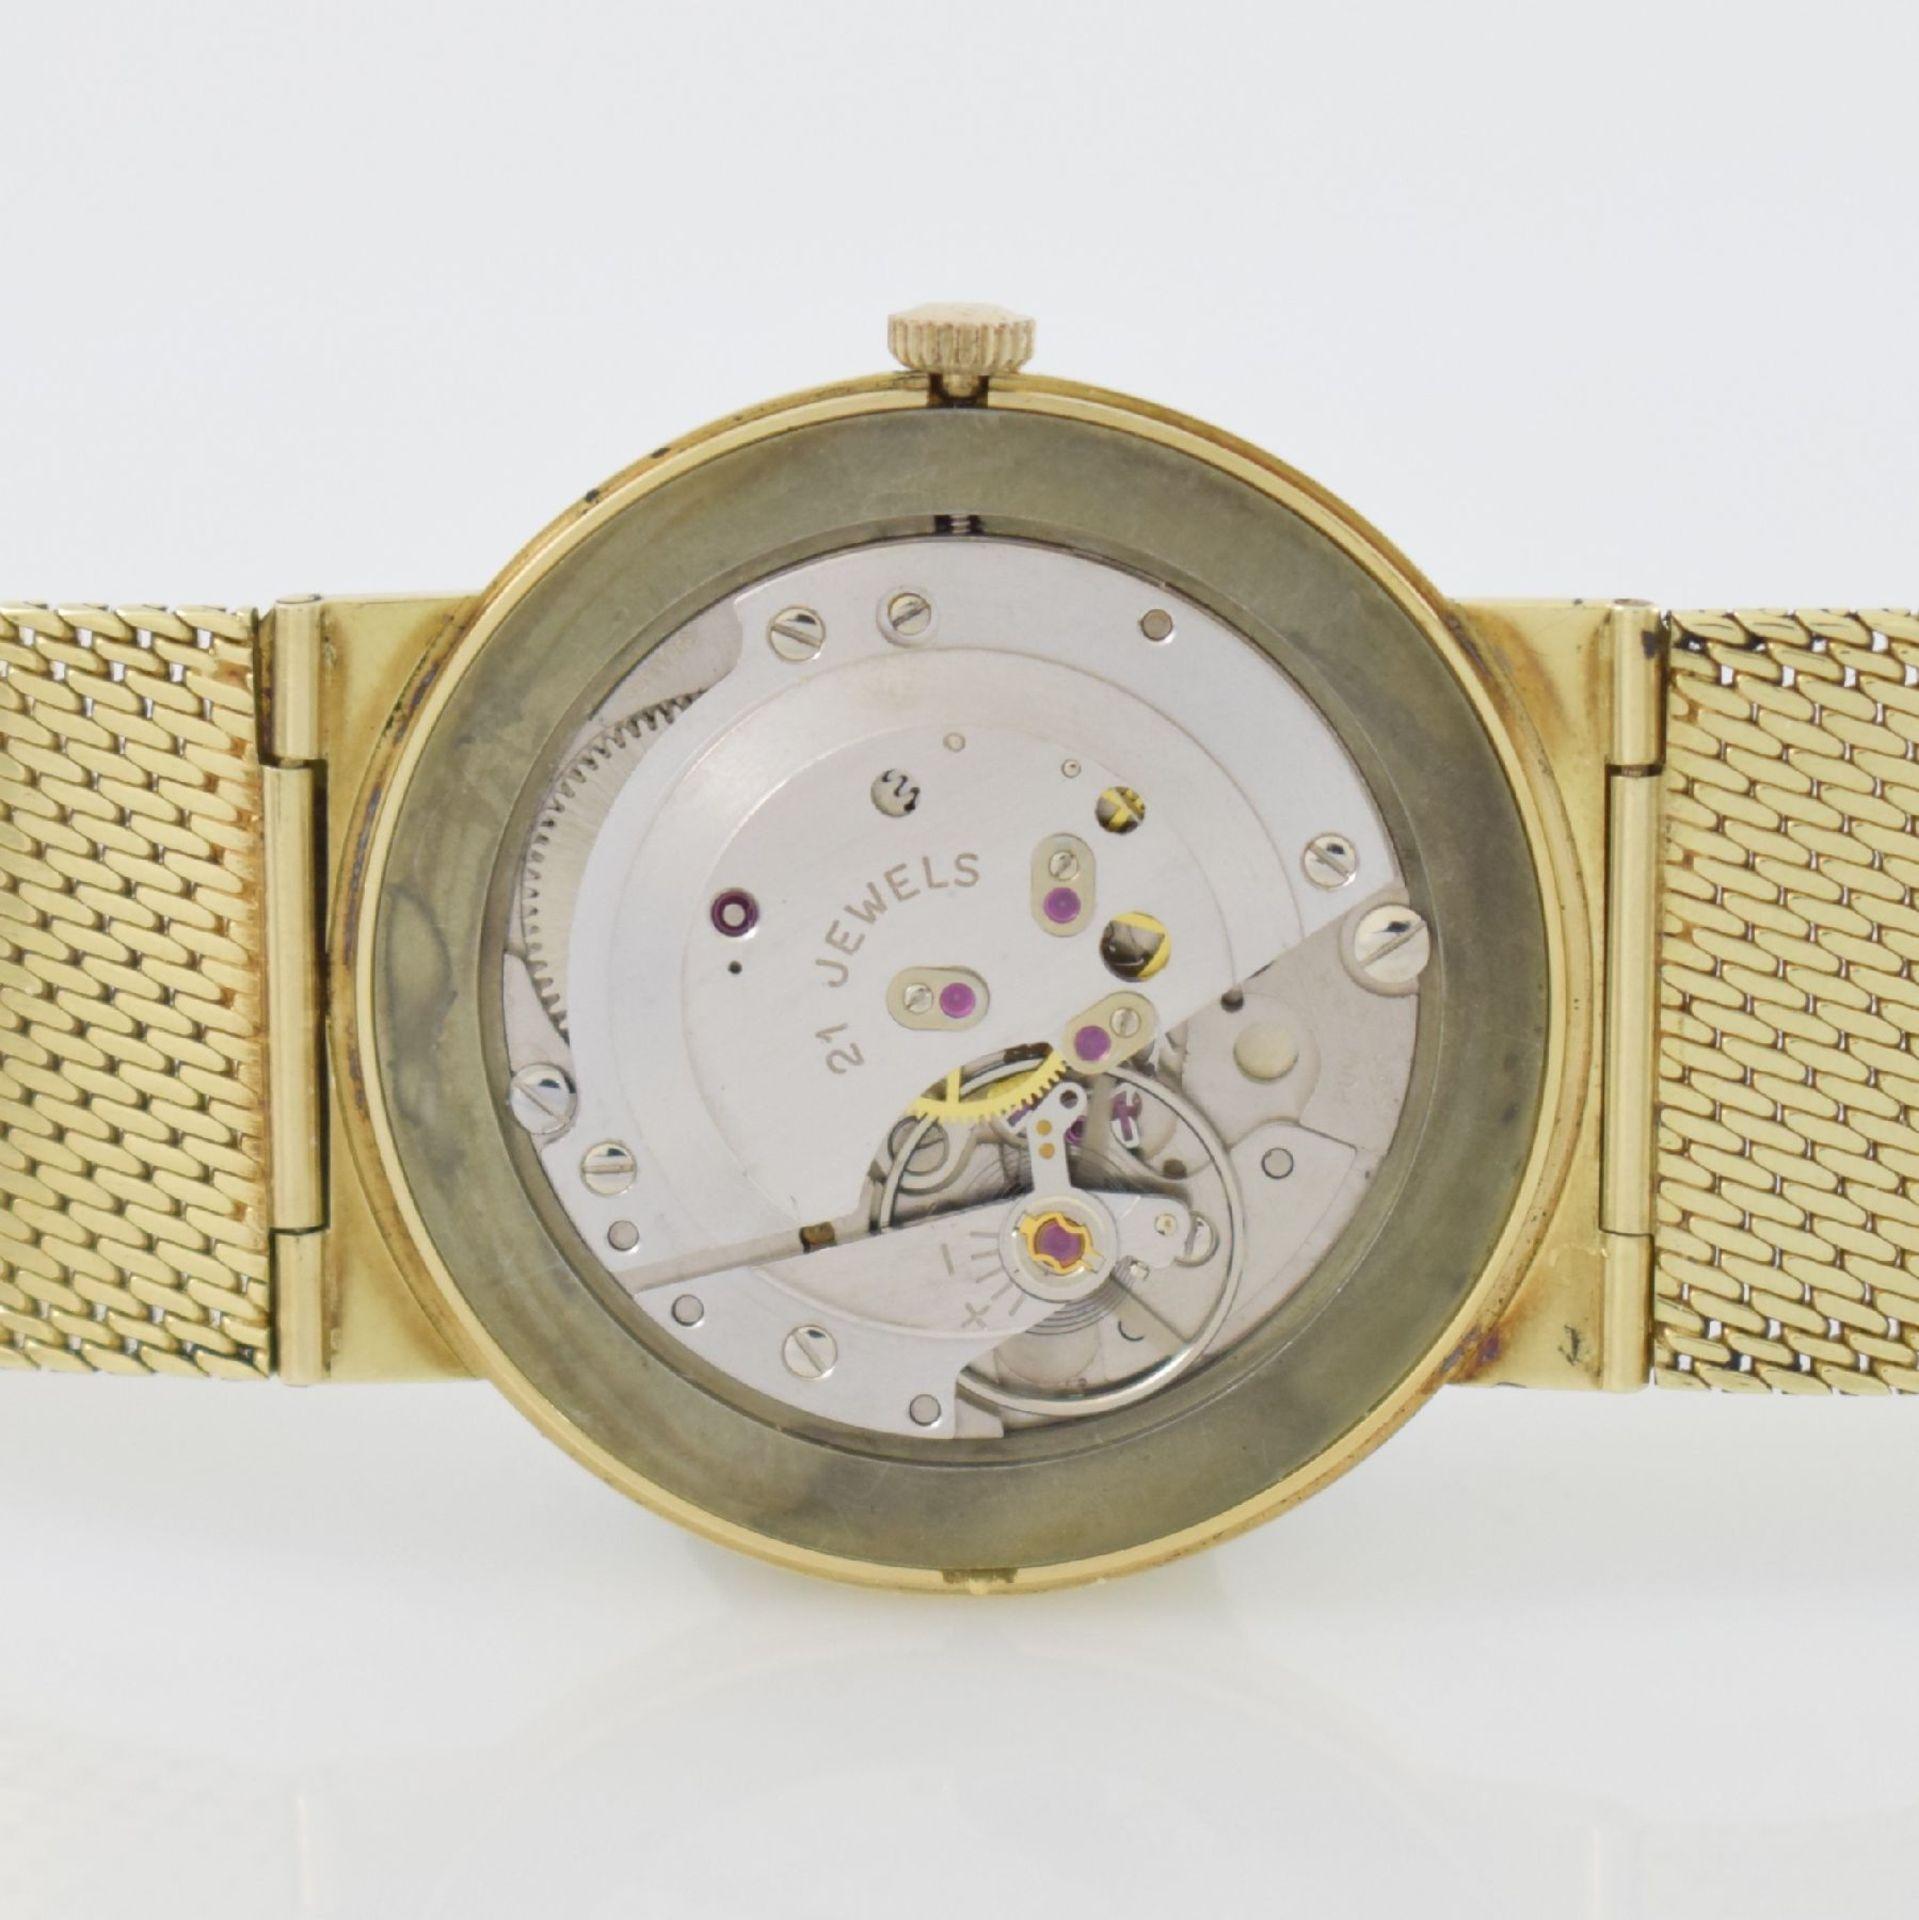 Herrenarmbanduhr in GG 585/000 mit GG 585/000 Milanaiseband, Deutschland um 1965, Handaufzug, - Bild 8 aus 8